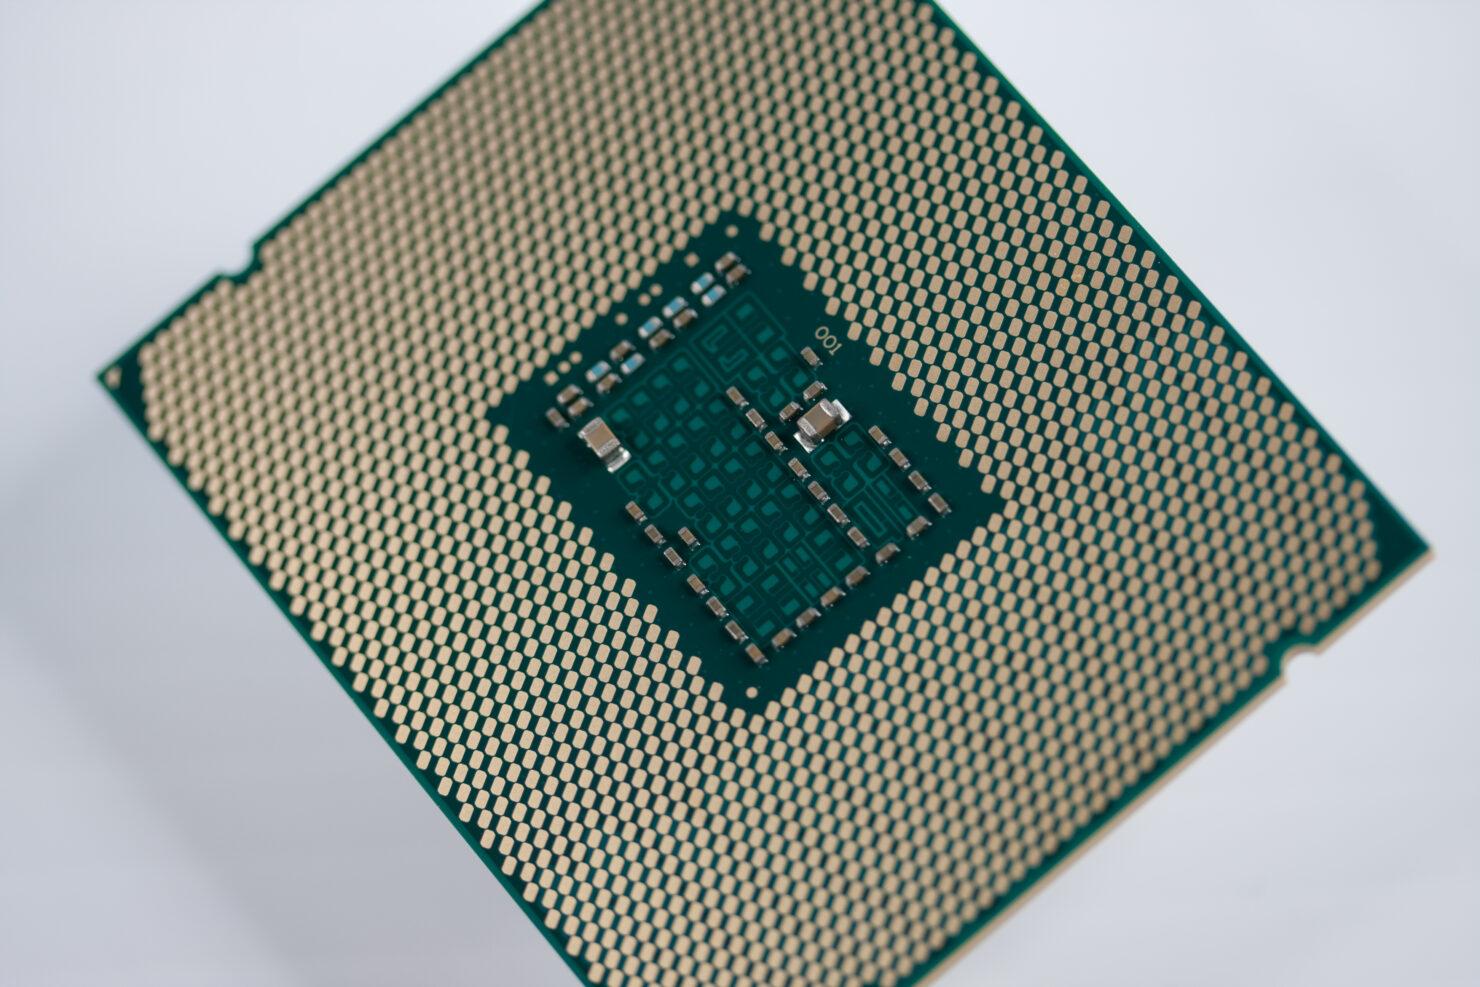 intel-xeon-e5-2600-v3-processor-back